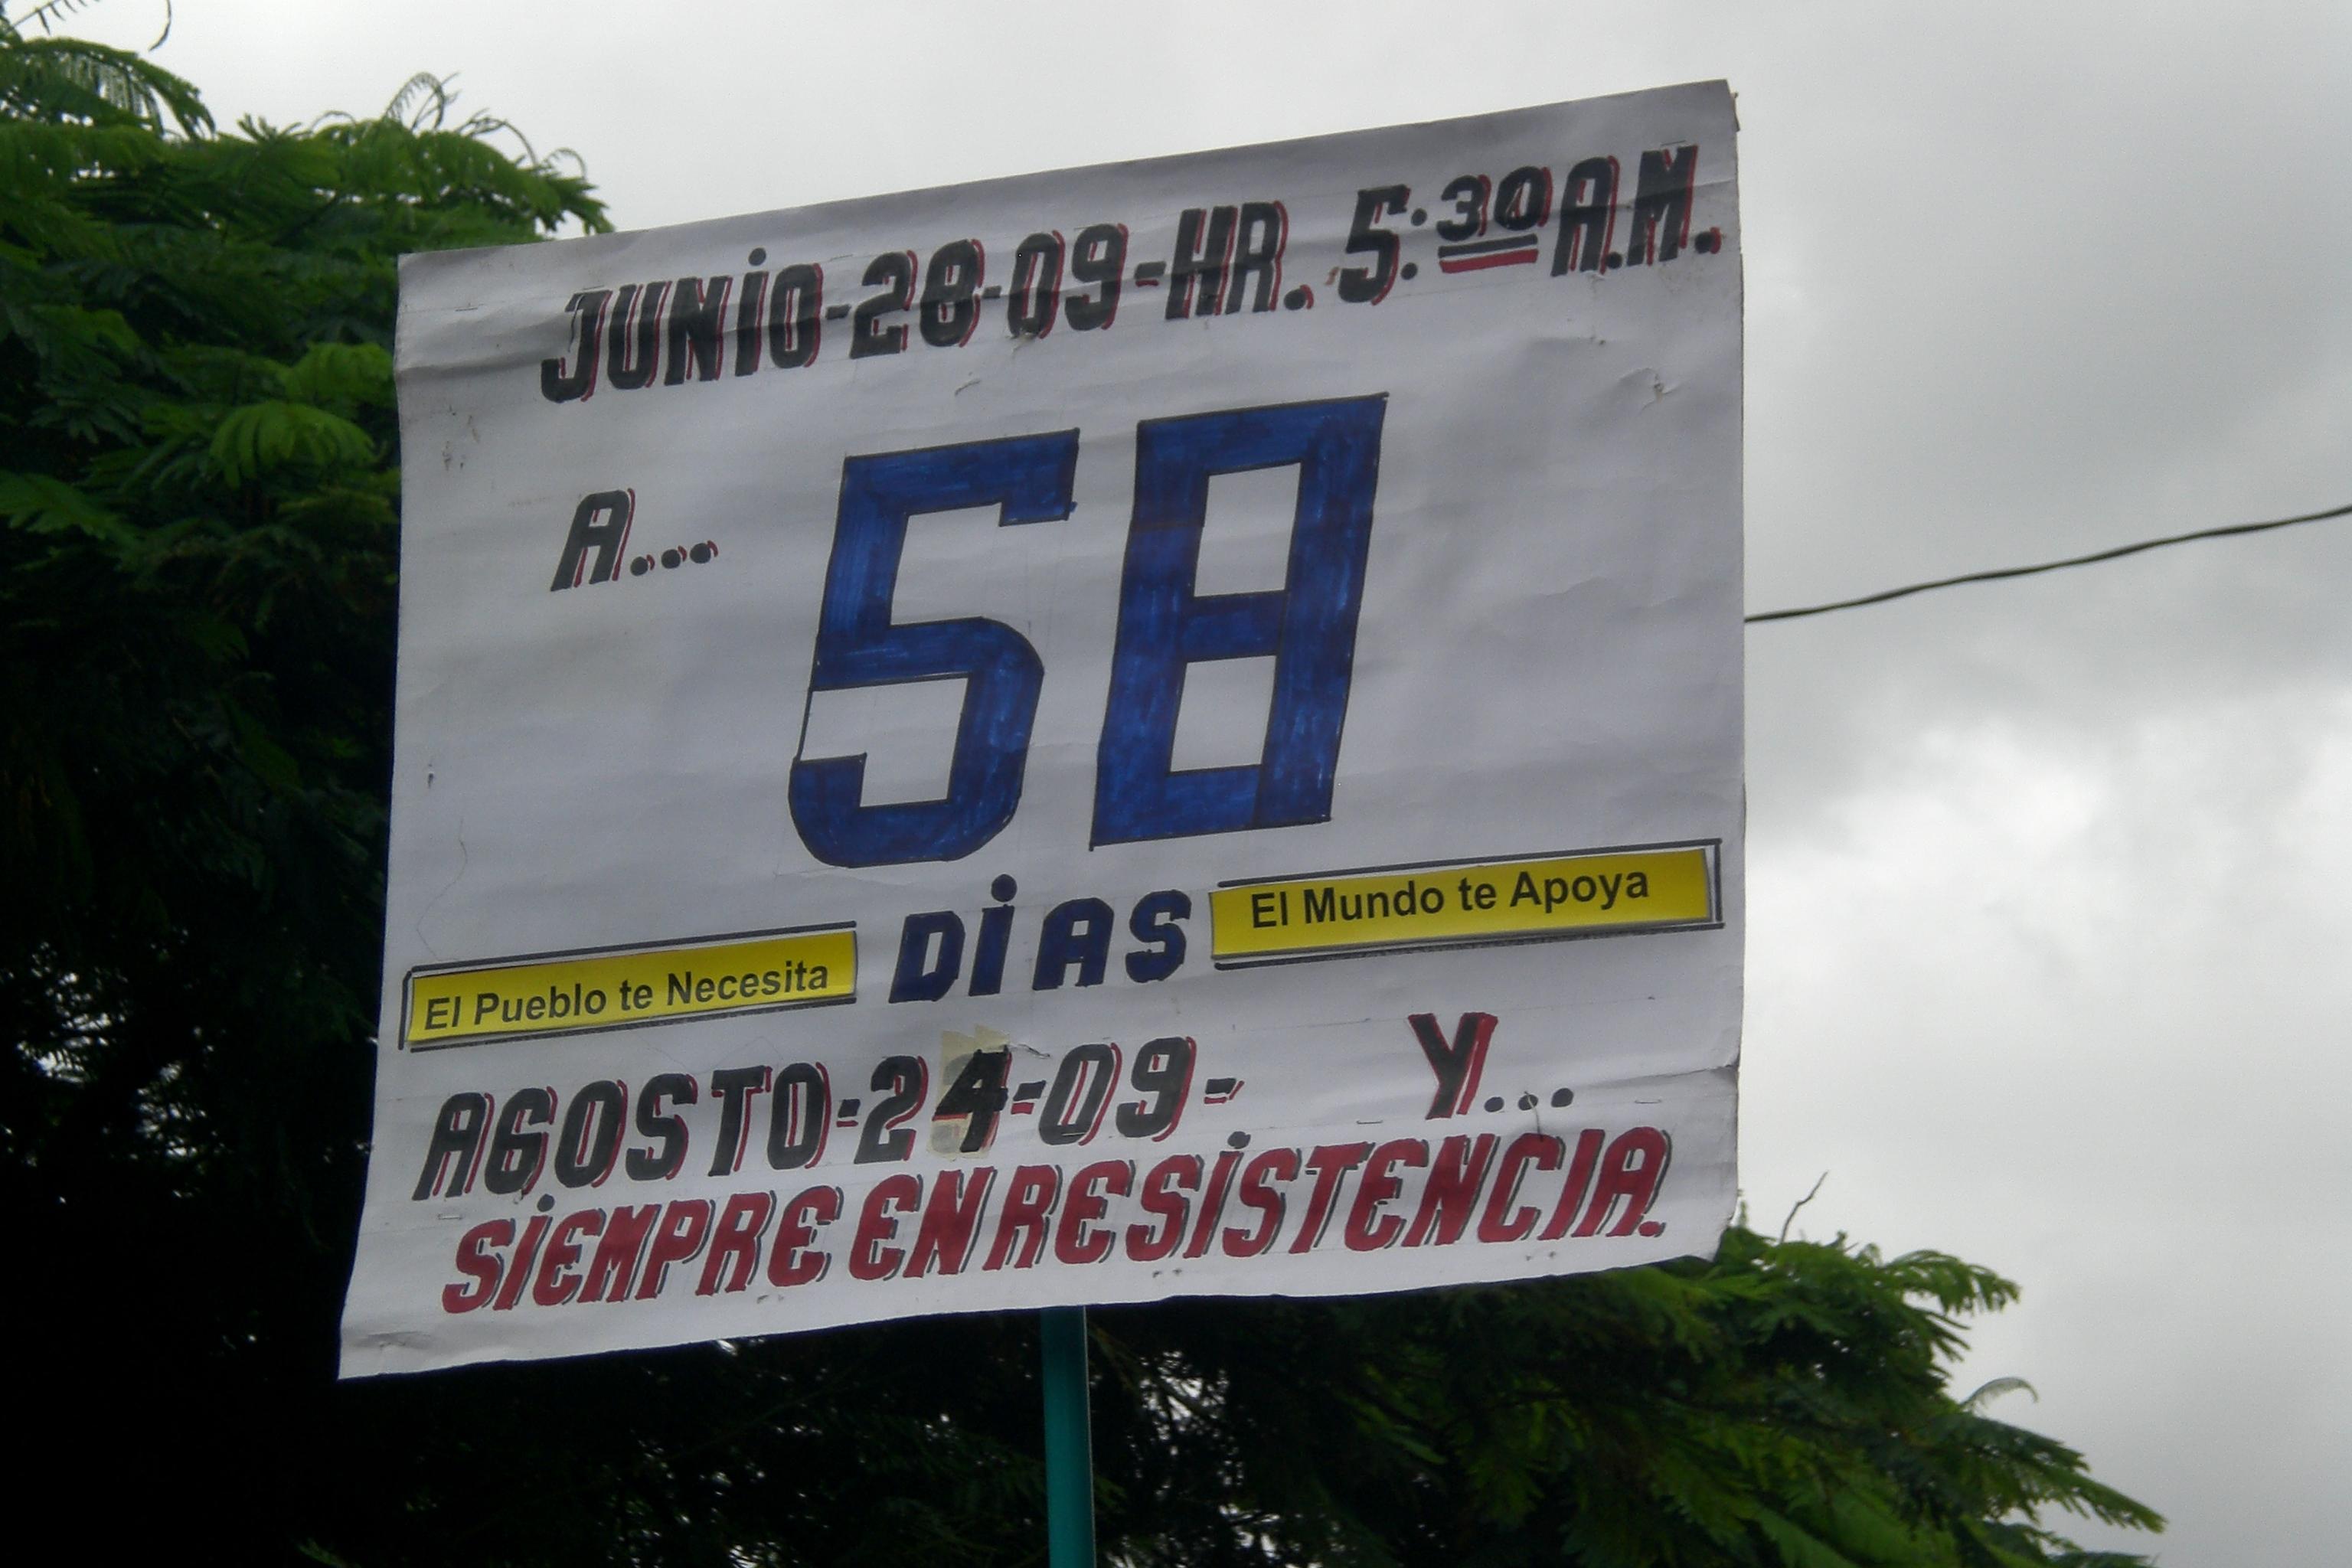 58 días en la calle